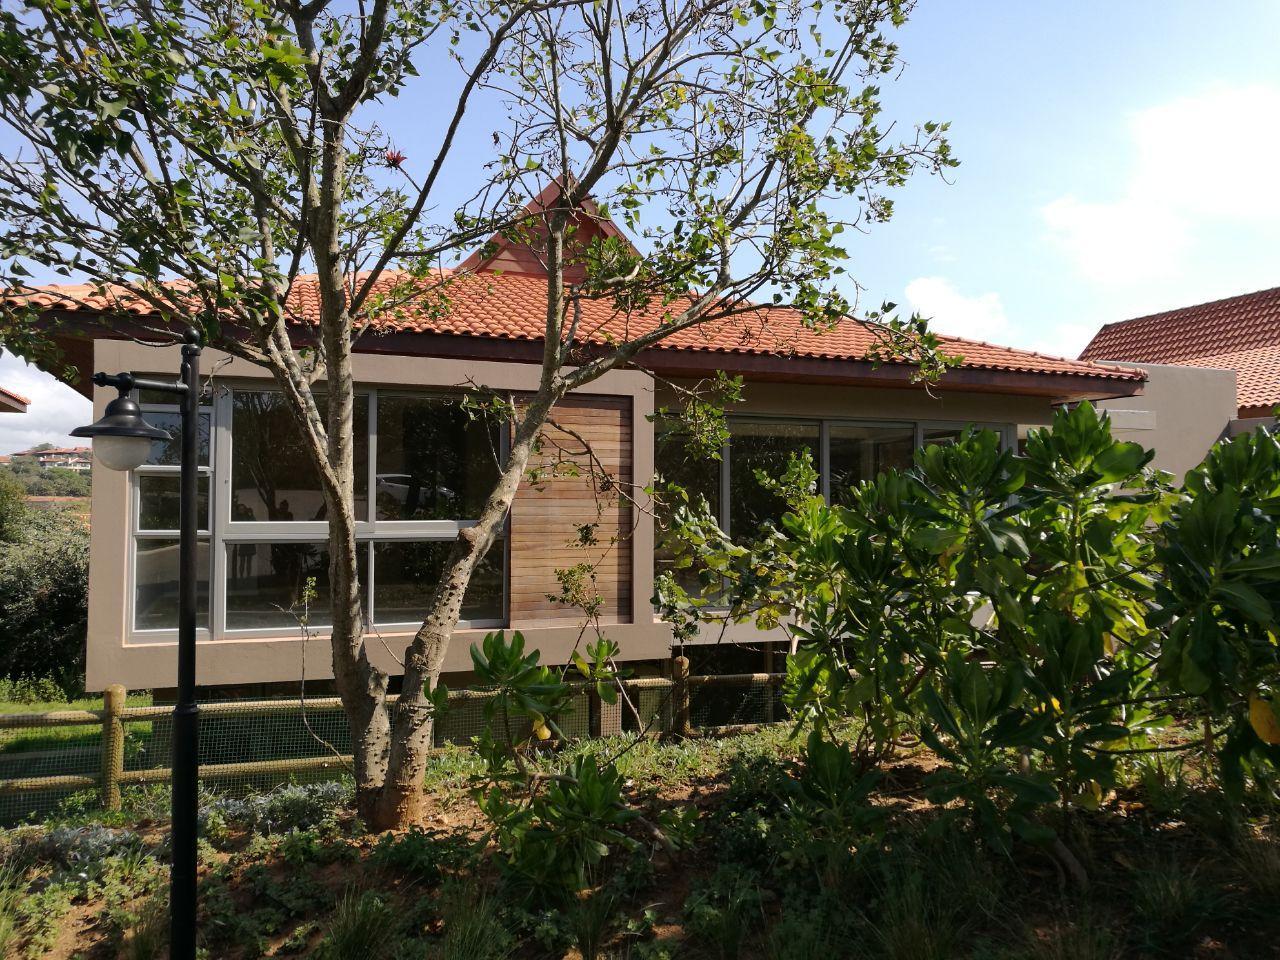 3 BedroomApartment For Sale In Zimbali Coastal Resort & Estate